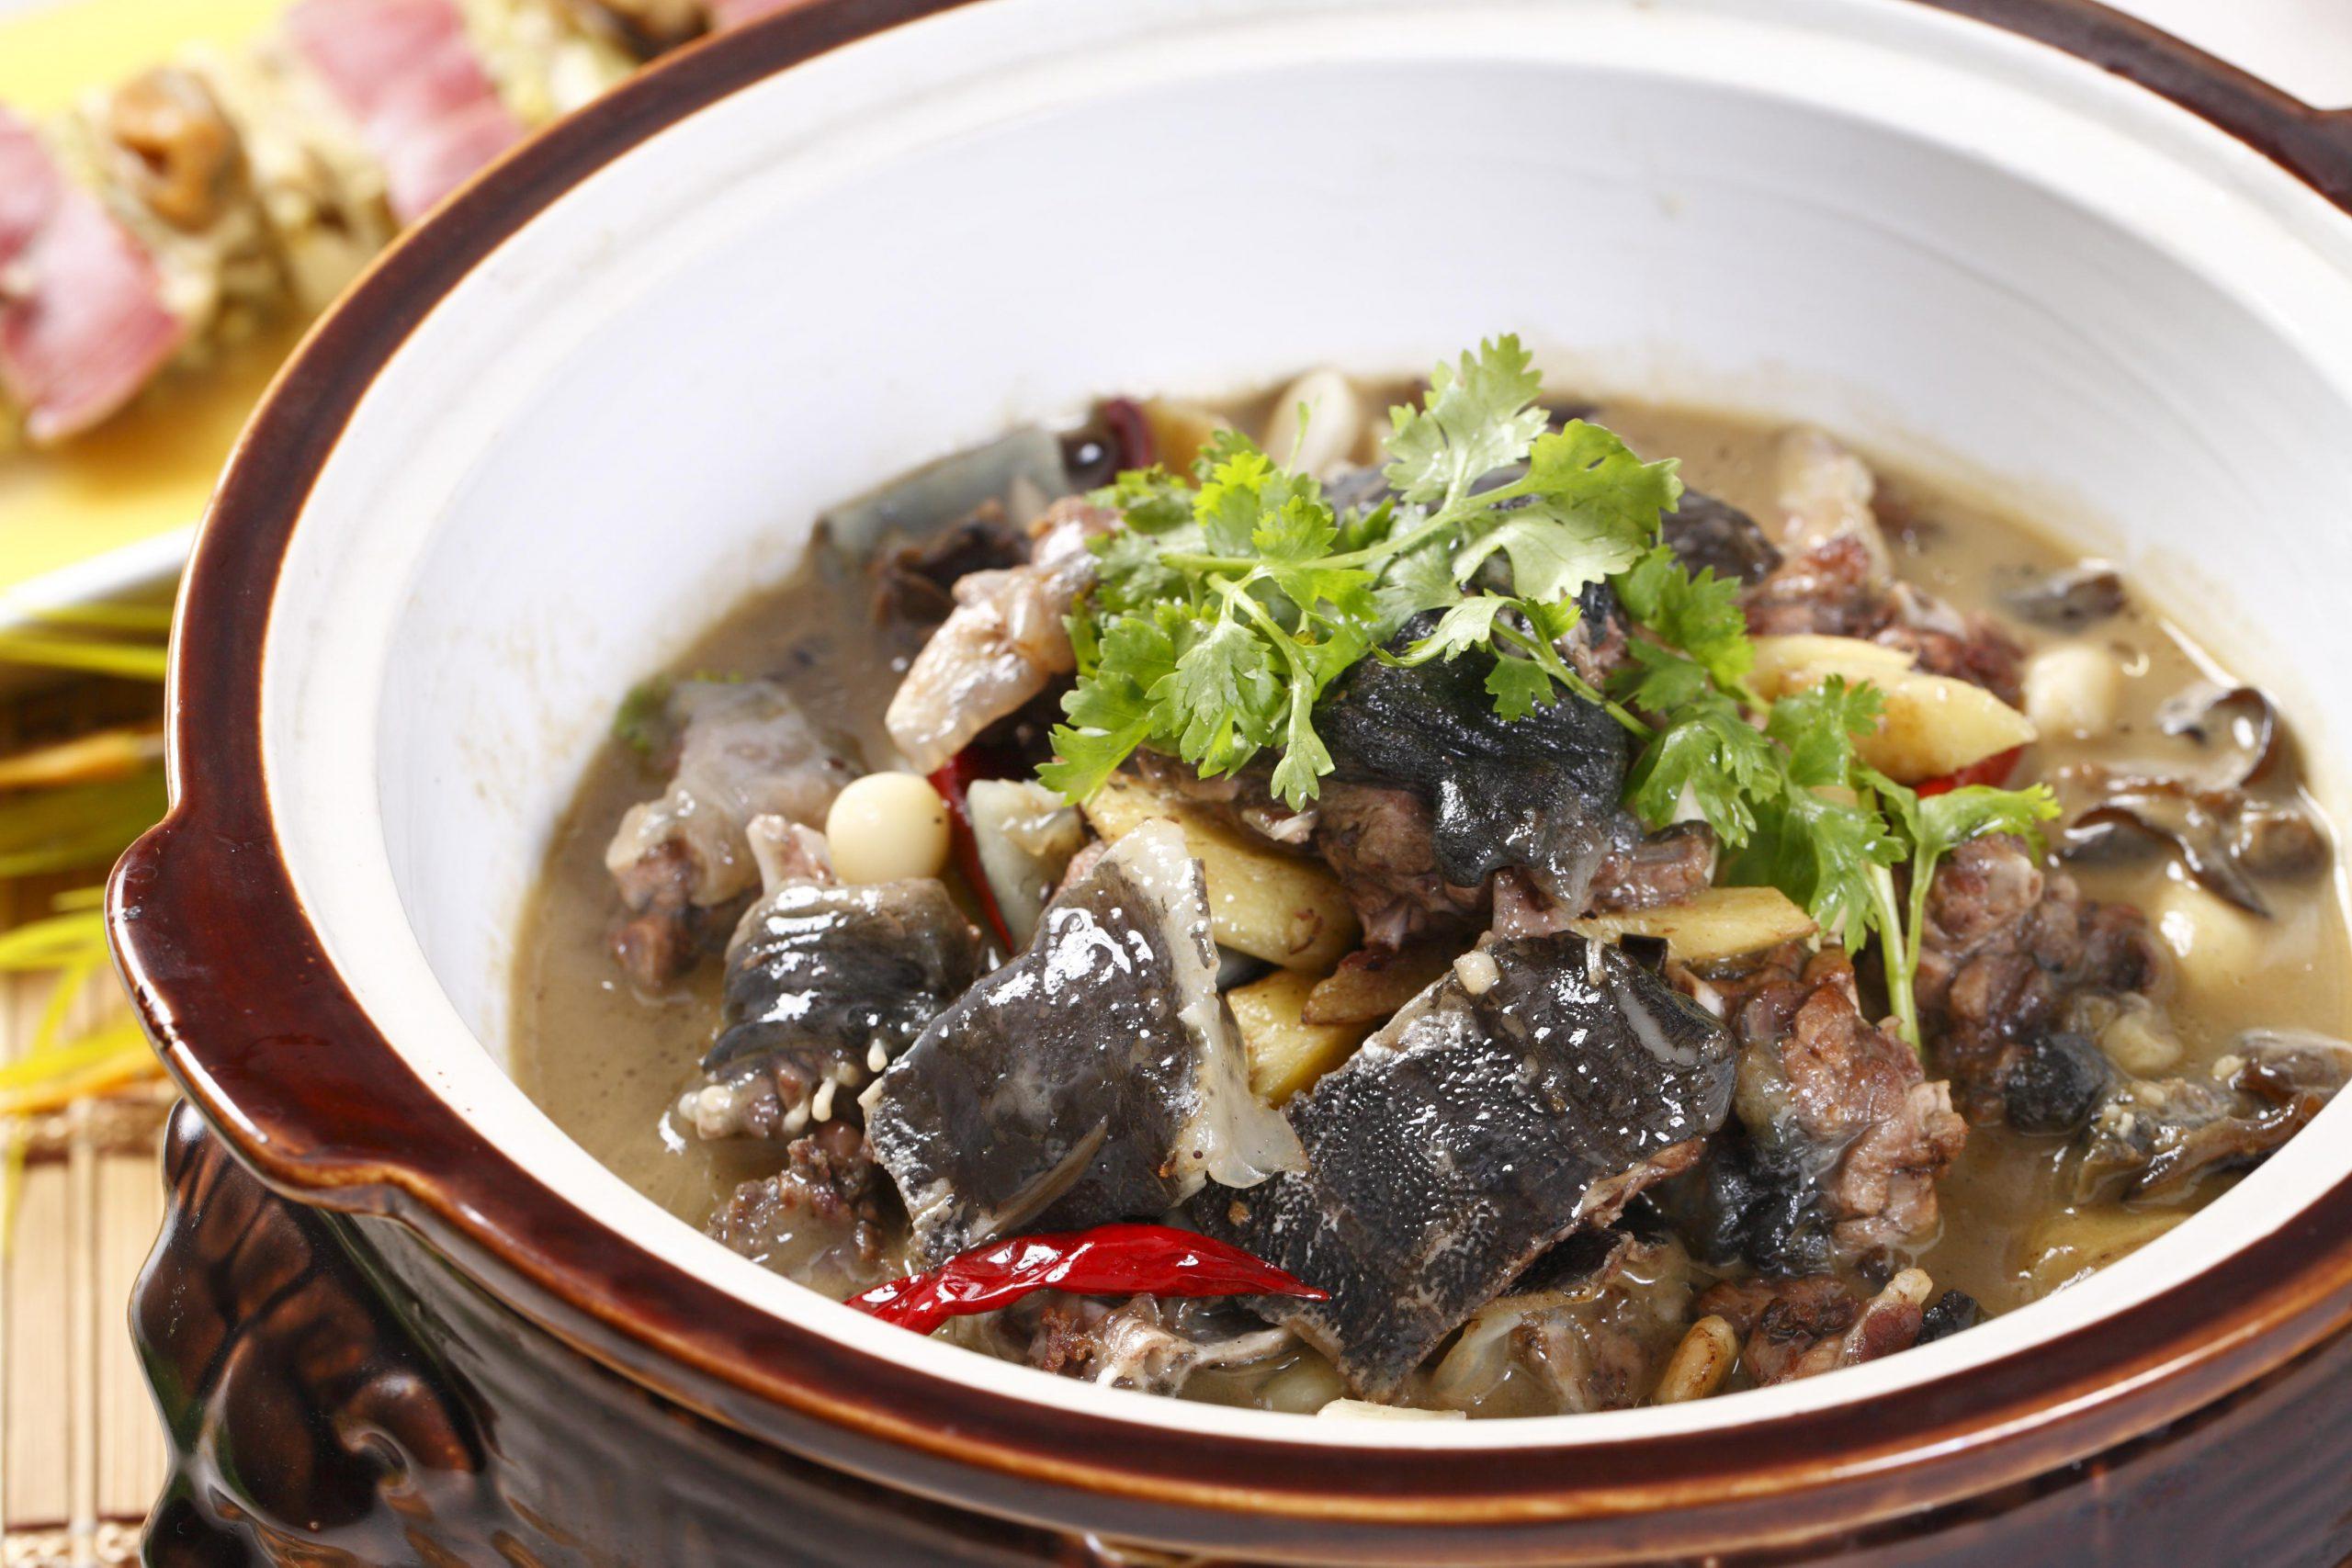 วัฒนธรรมการกินของจีน : อาศรมสยาม-จีนวิทยา